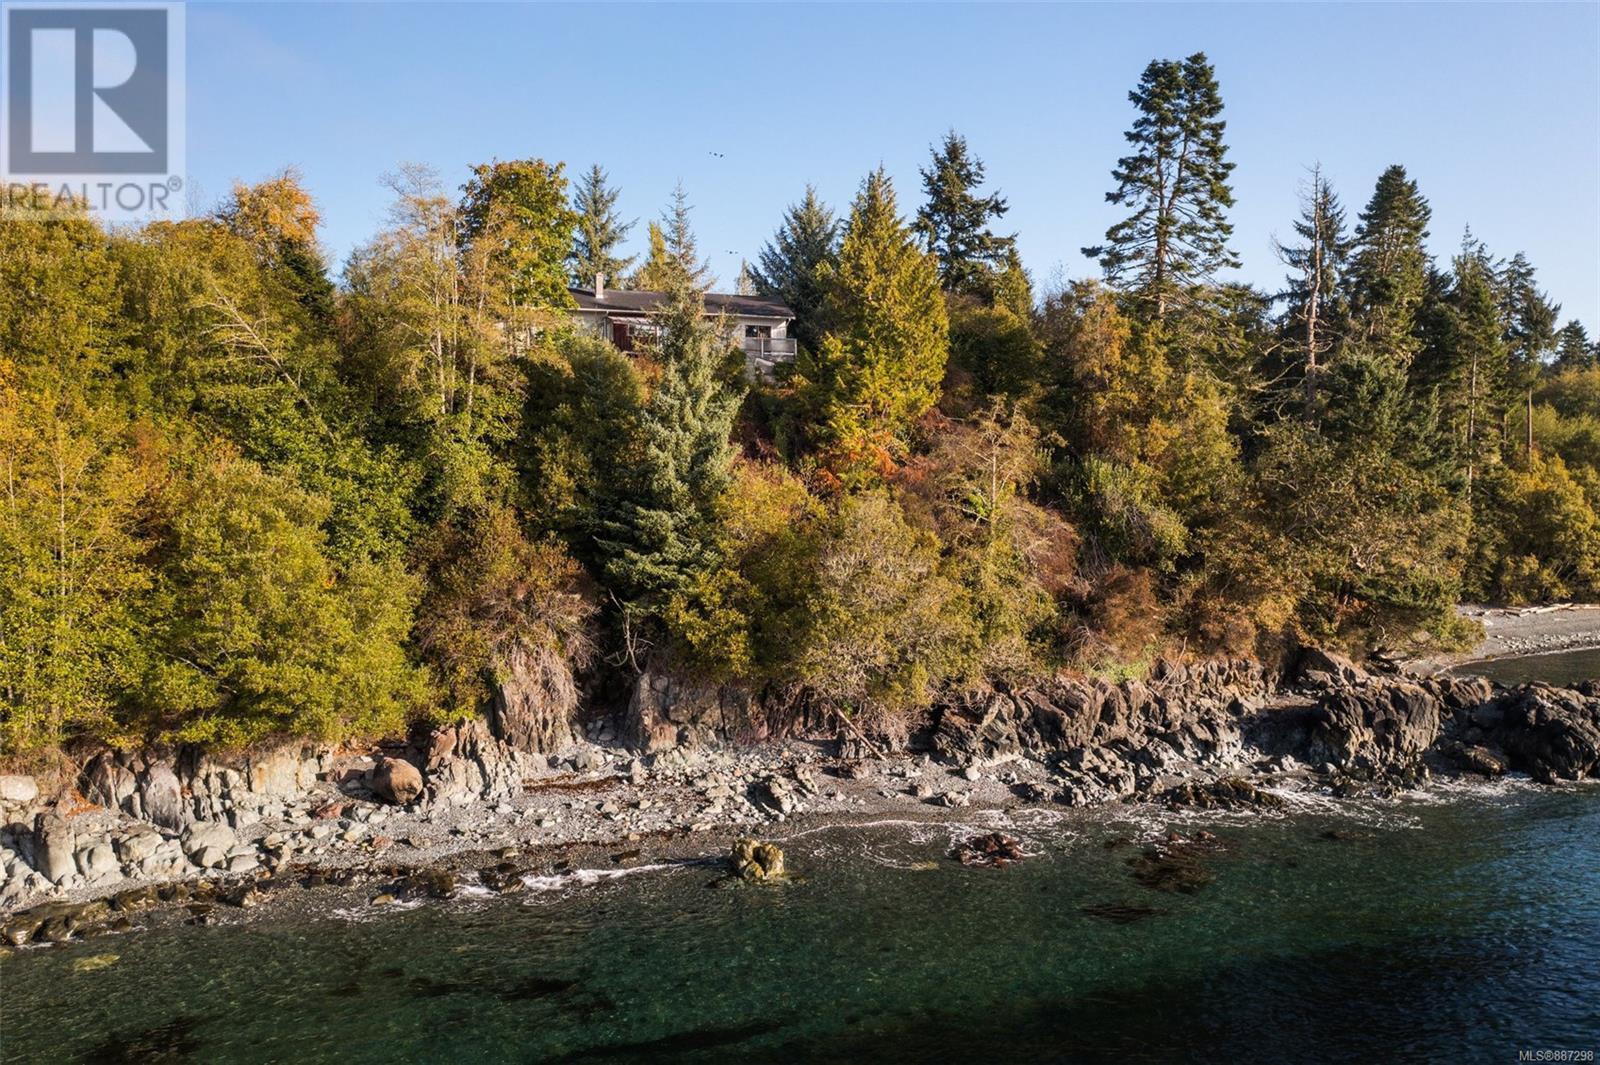 8233 West Coast RdSooke, British Columbia  V9Z 1E1 - Photo 10 - 887298